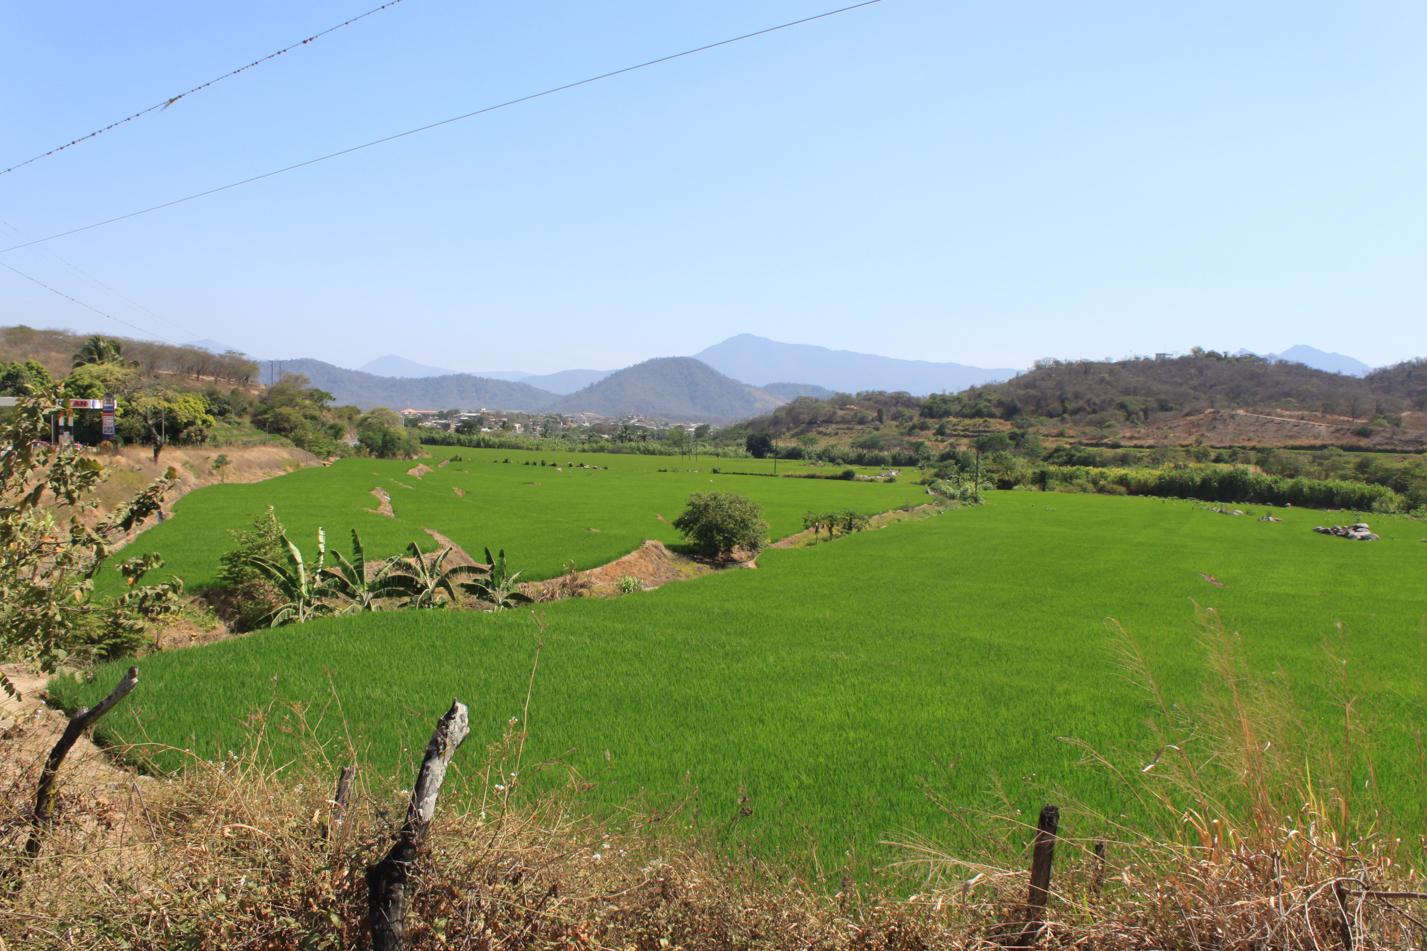 In der kargen Landschaft um Macara, springen einen die saftig grünen Reisfelder, regelrecht ins Auge.